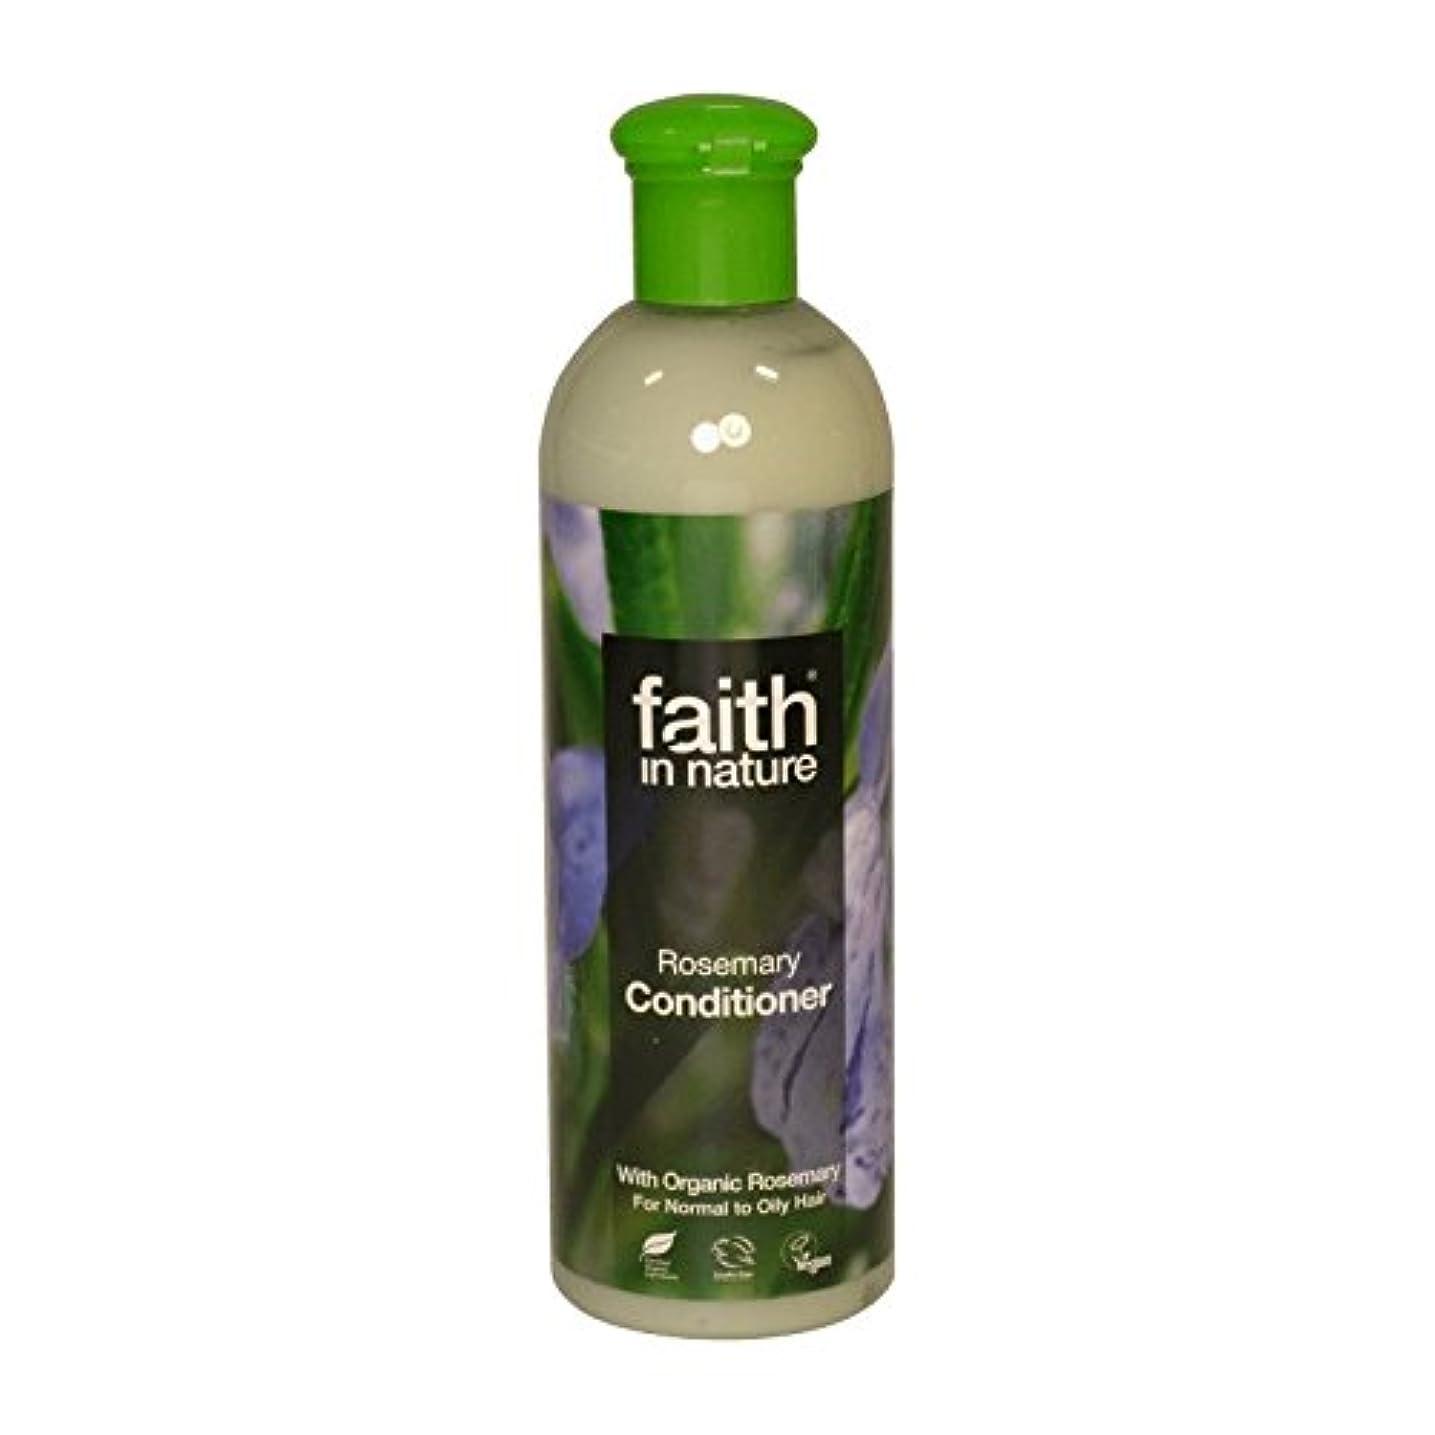 気分が良いブランド名反射自然ローズマリーコンディショナー400ミリリットルの信仰 - Faith in Nature Rosemary Conditioner 400ml (Faith in Nature) [並行輸入品]